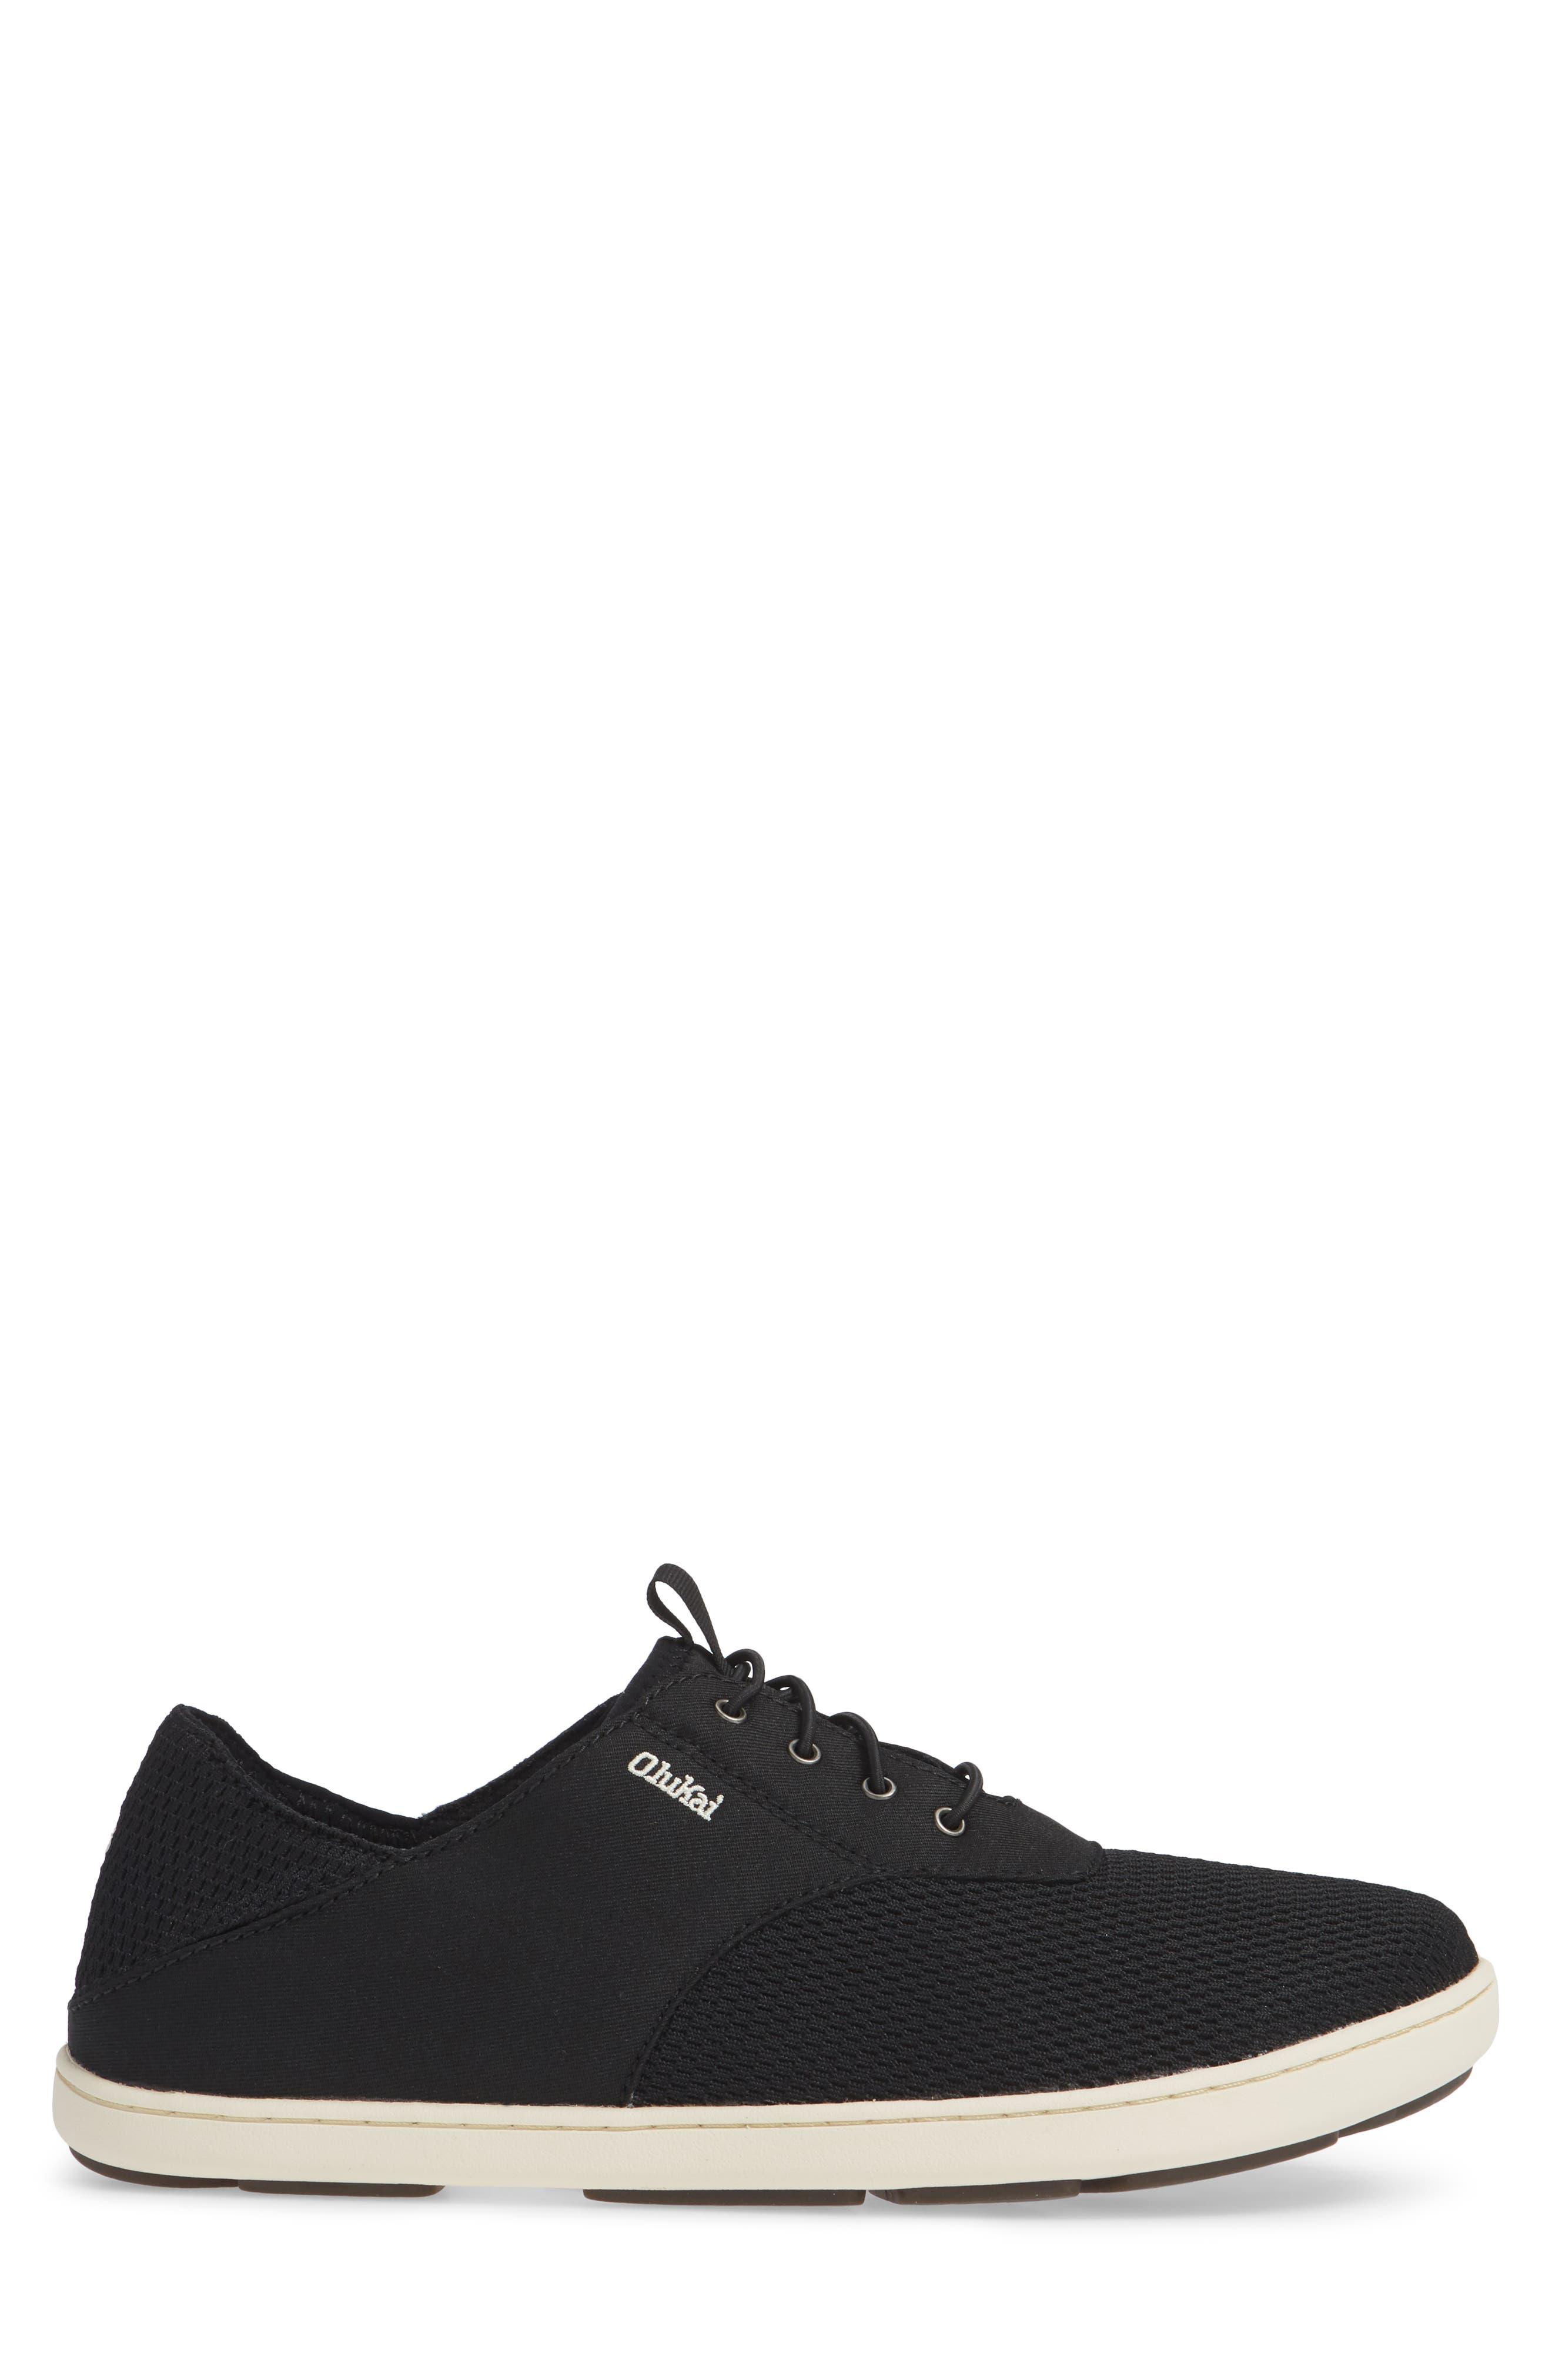 OLUKAI, Nohea Moku Sneaker, Alternate thumbnail 3, color, ONYX/ ONYX TEXTILE